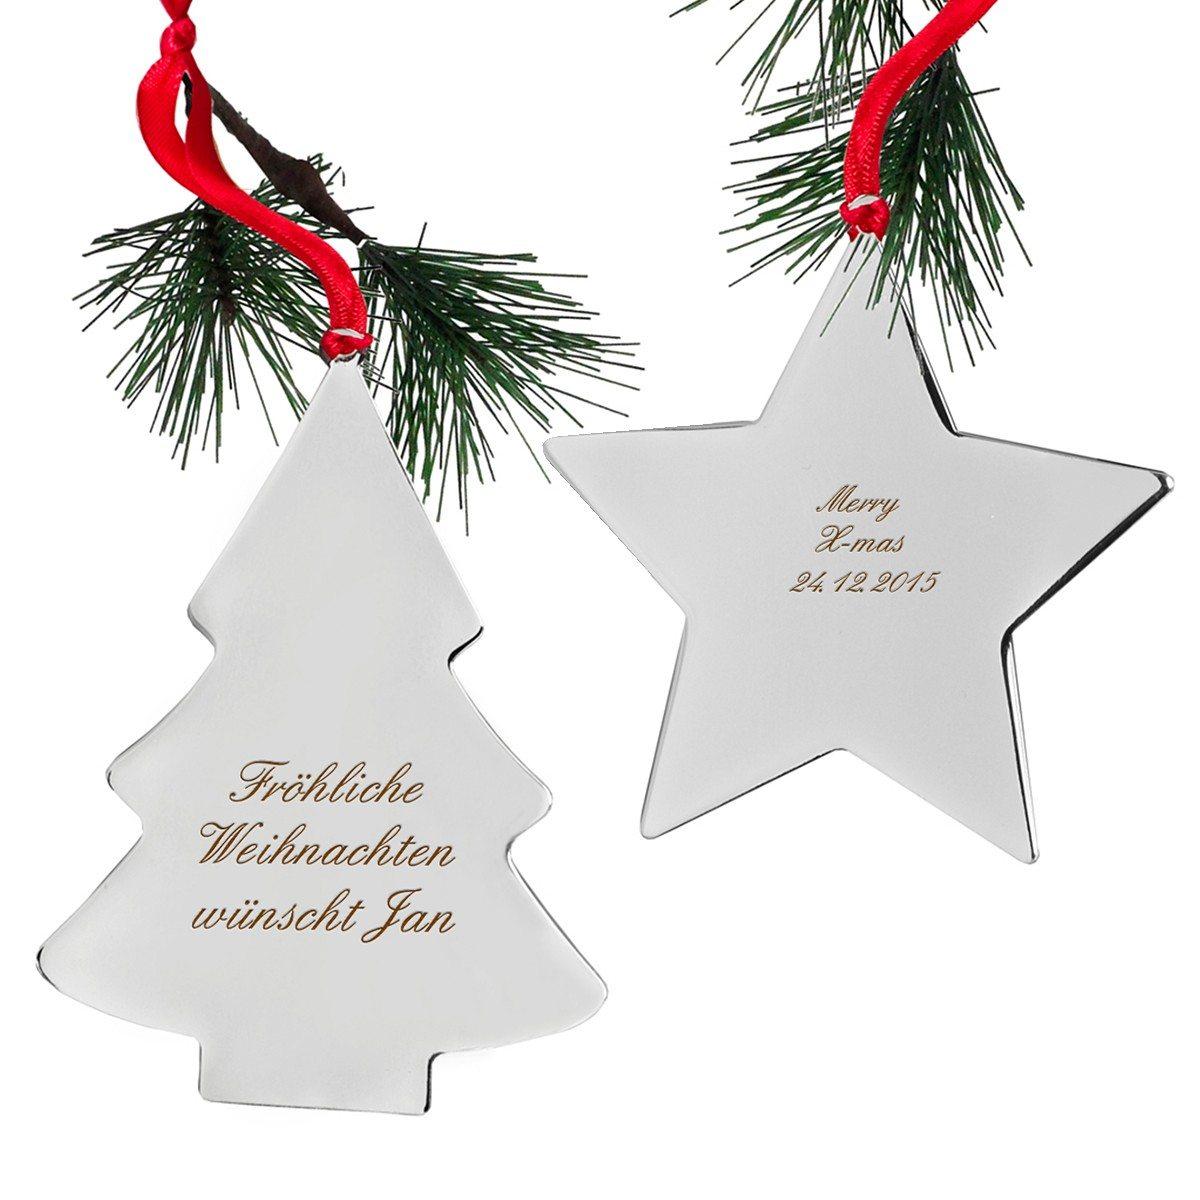 Weihnachtsbaumschmuck mit Gravur